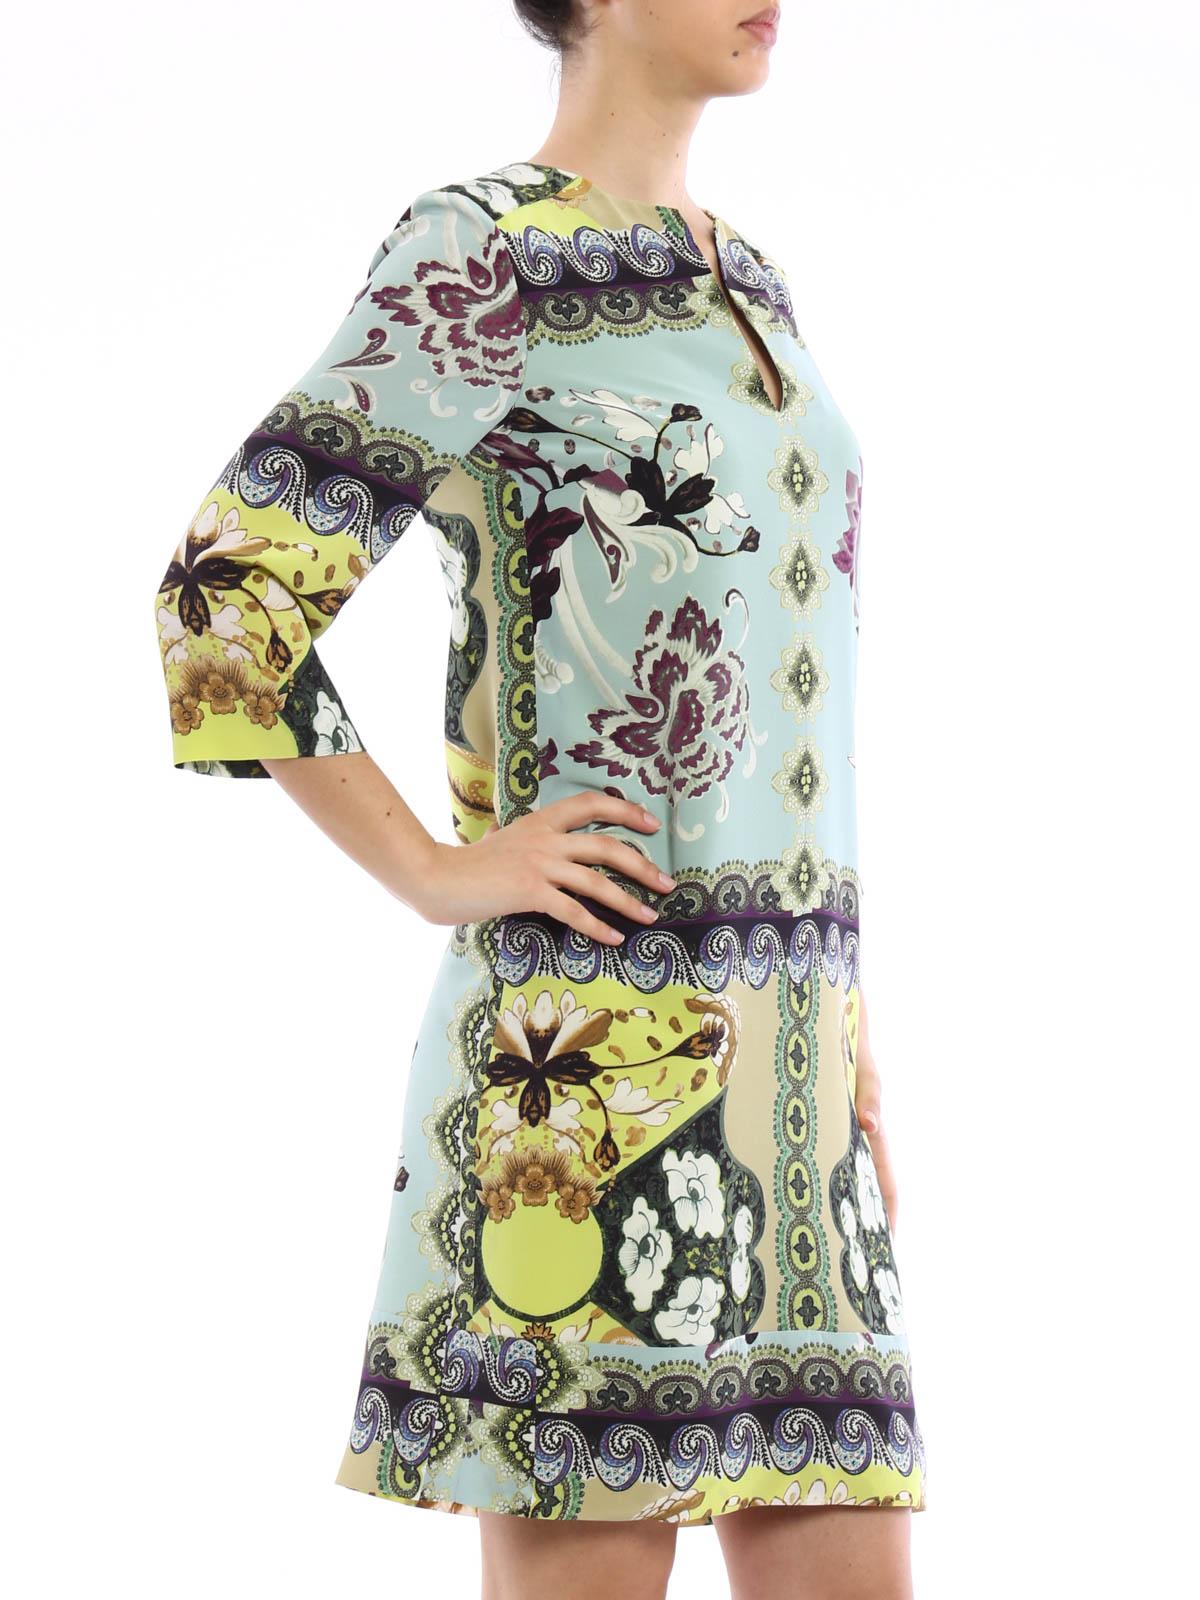 online retailer 1802d 85e84 Etro - Abito tunica in seta floreale - abiti da cocktail ...